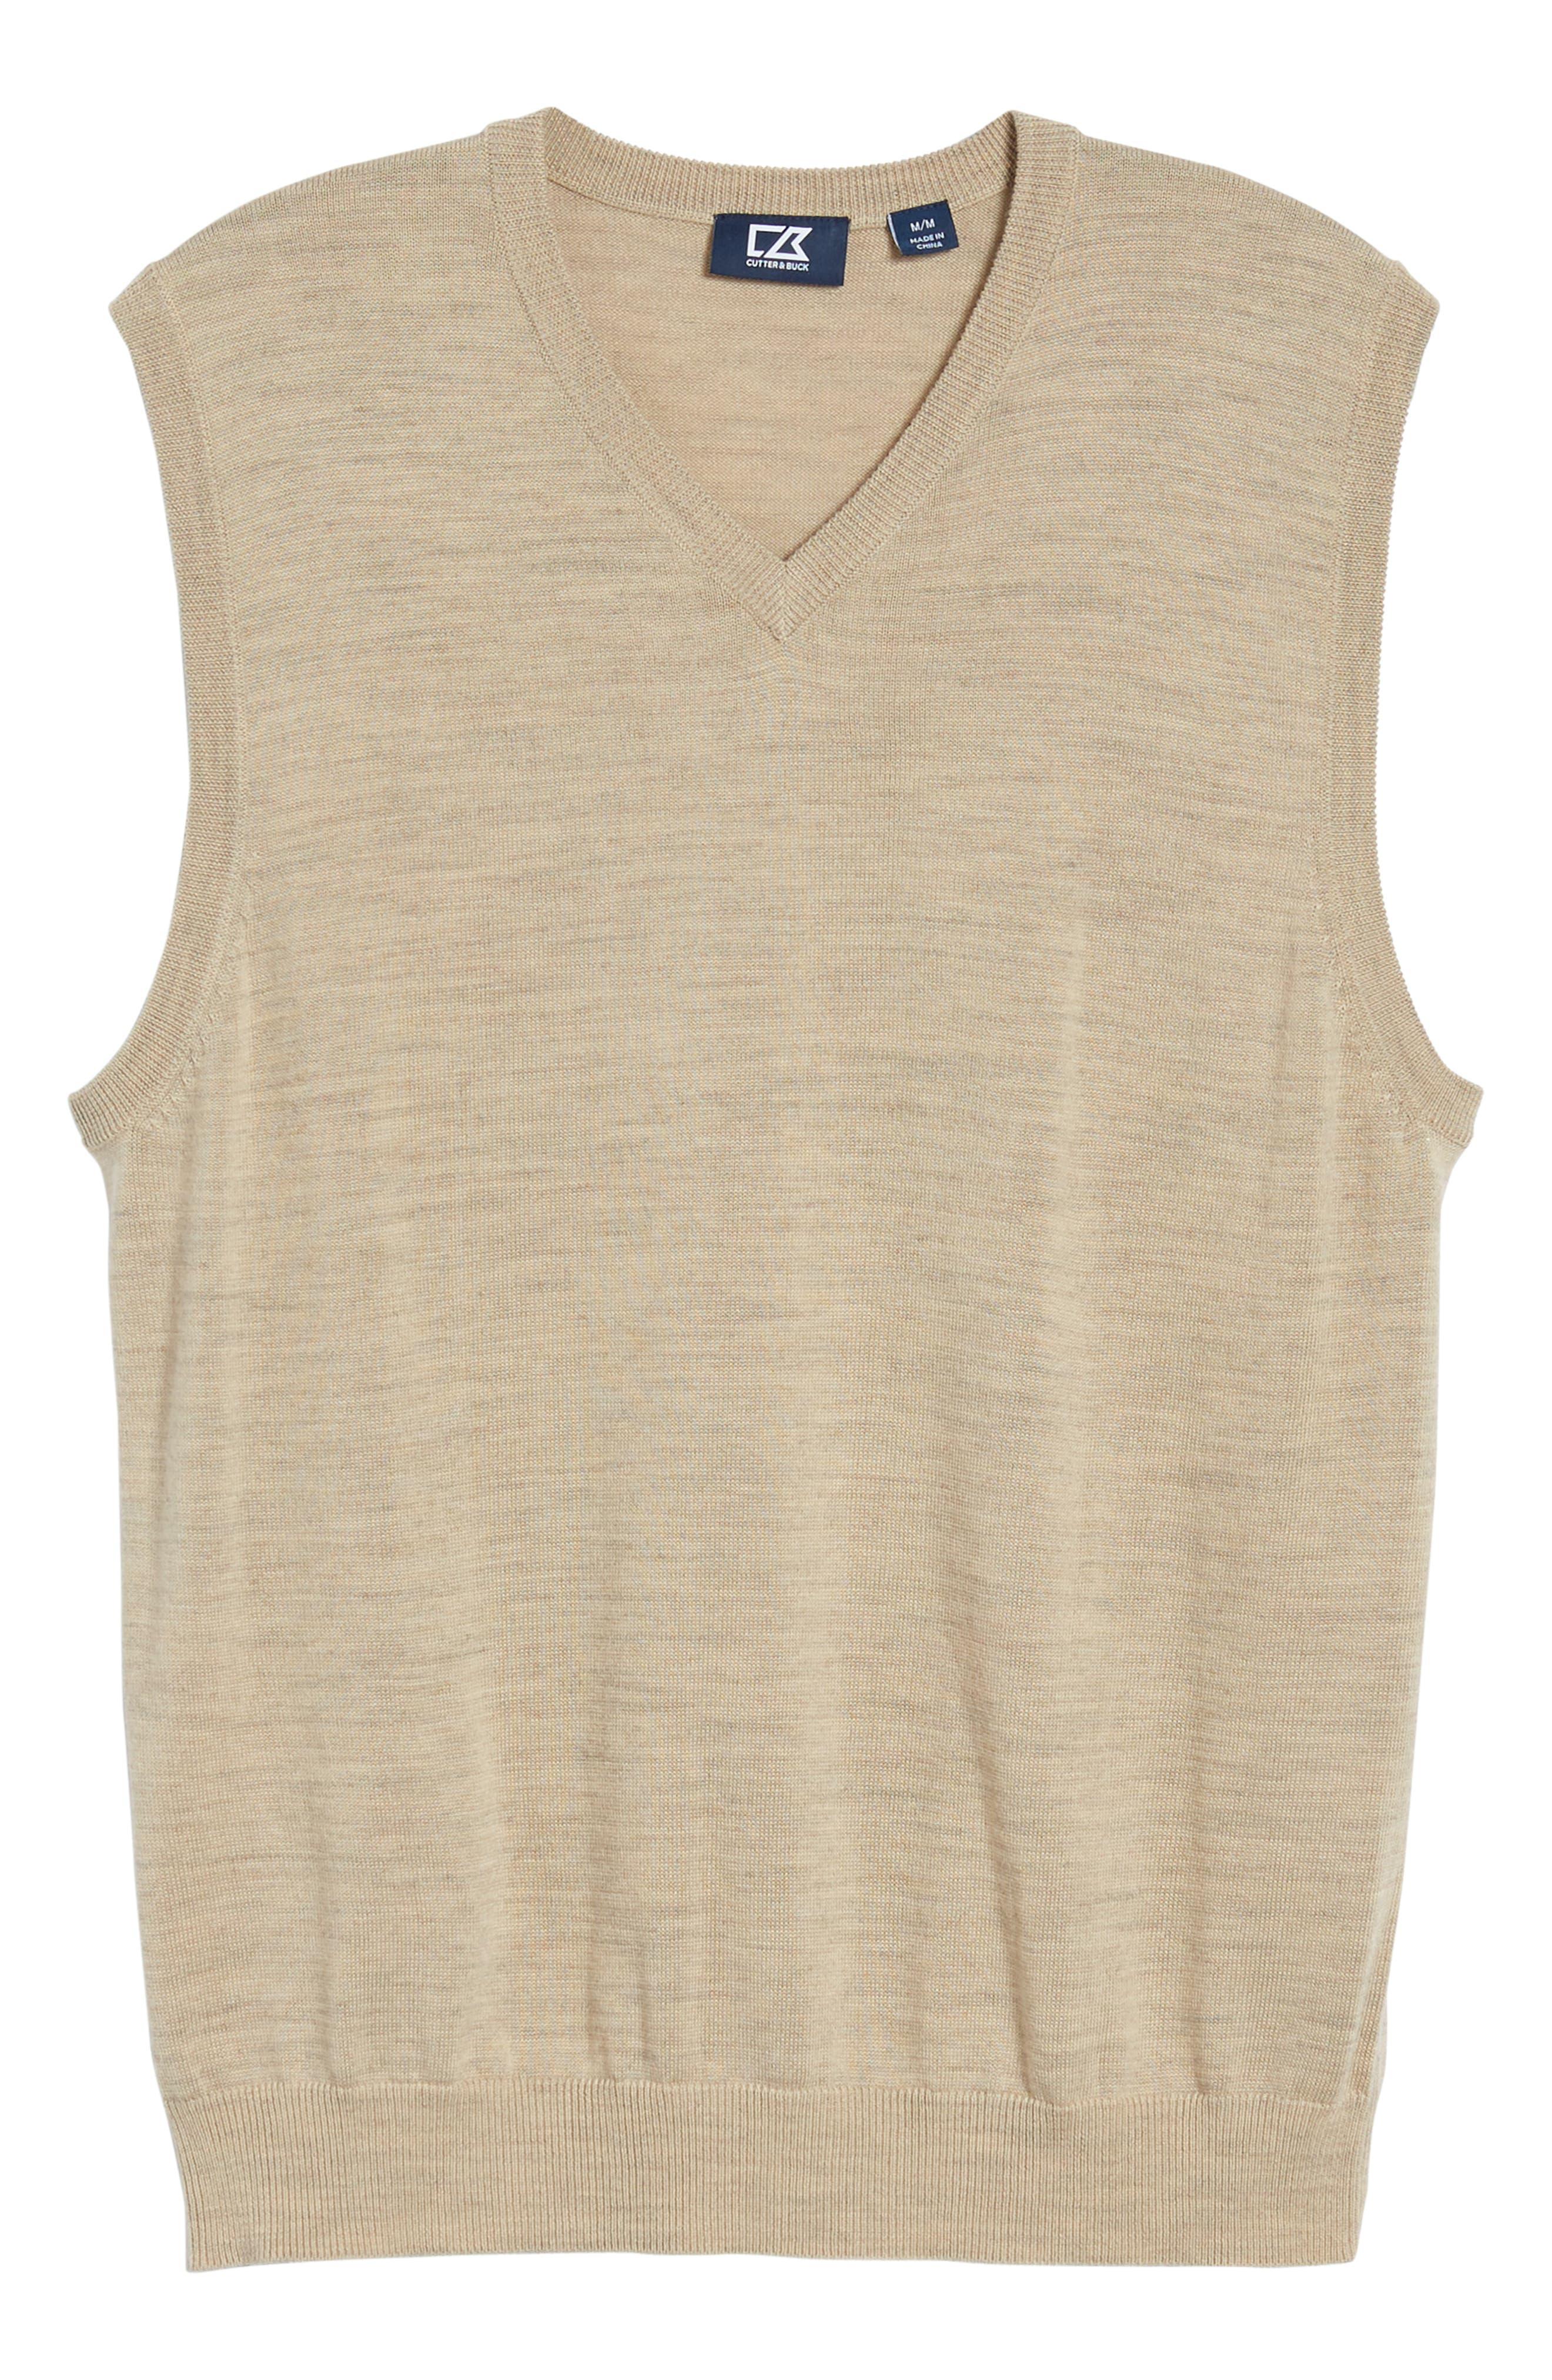 Douglas Merino Wool Blend V-Neck Vest,                             Alternate thumbnail 6, color,                             Sand Heather